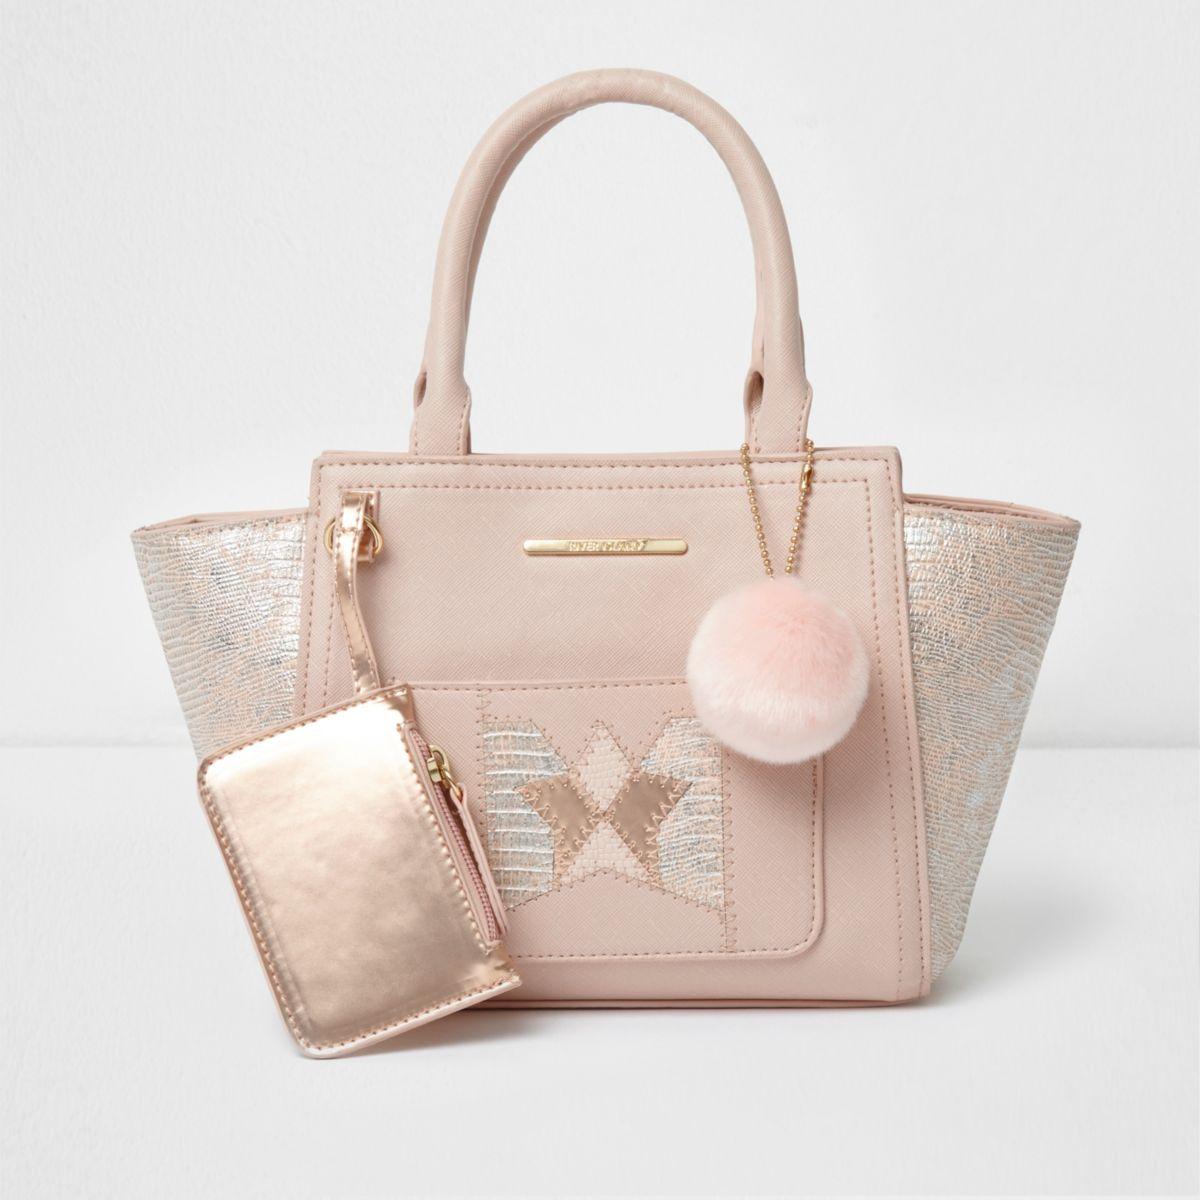 Pinke Tote Bag mit Prägung